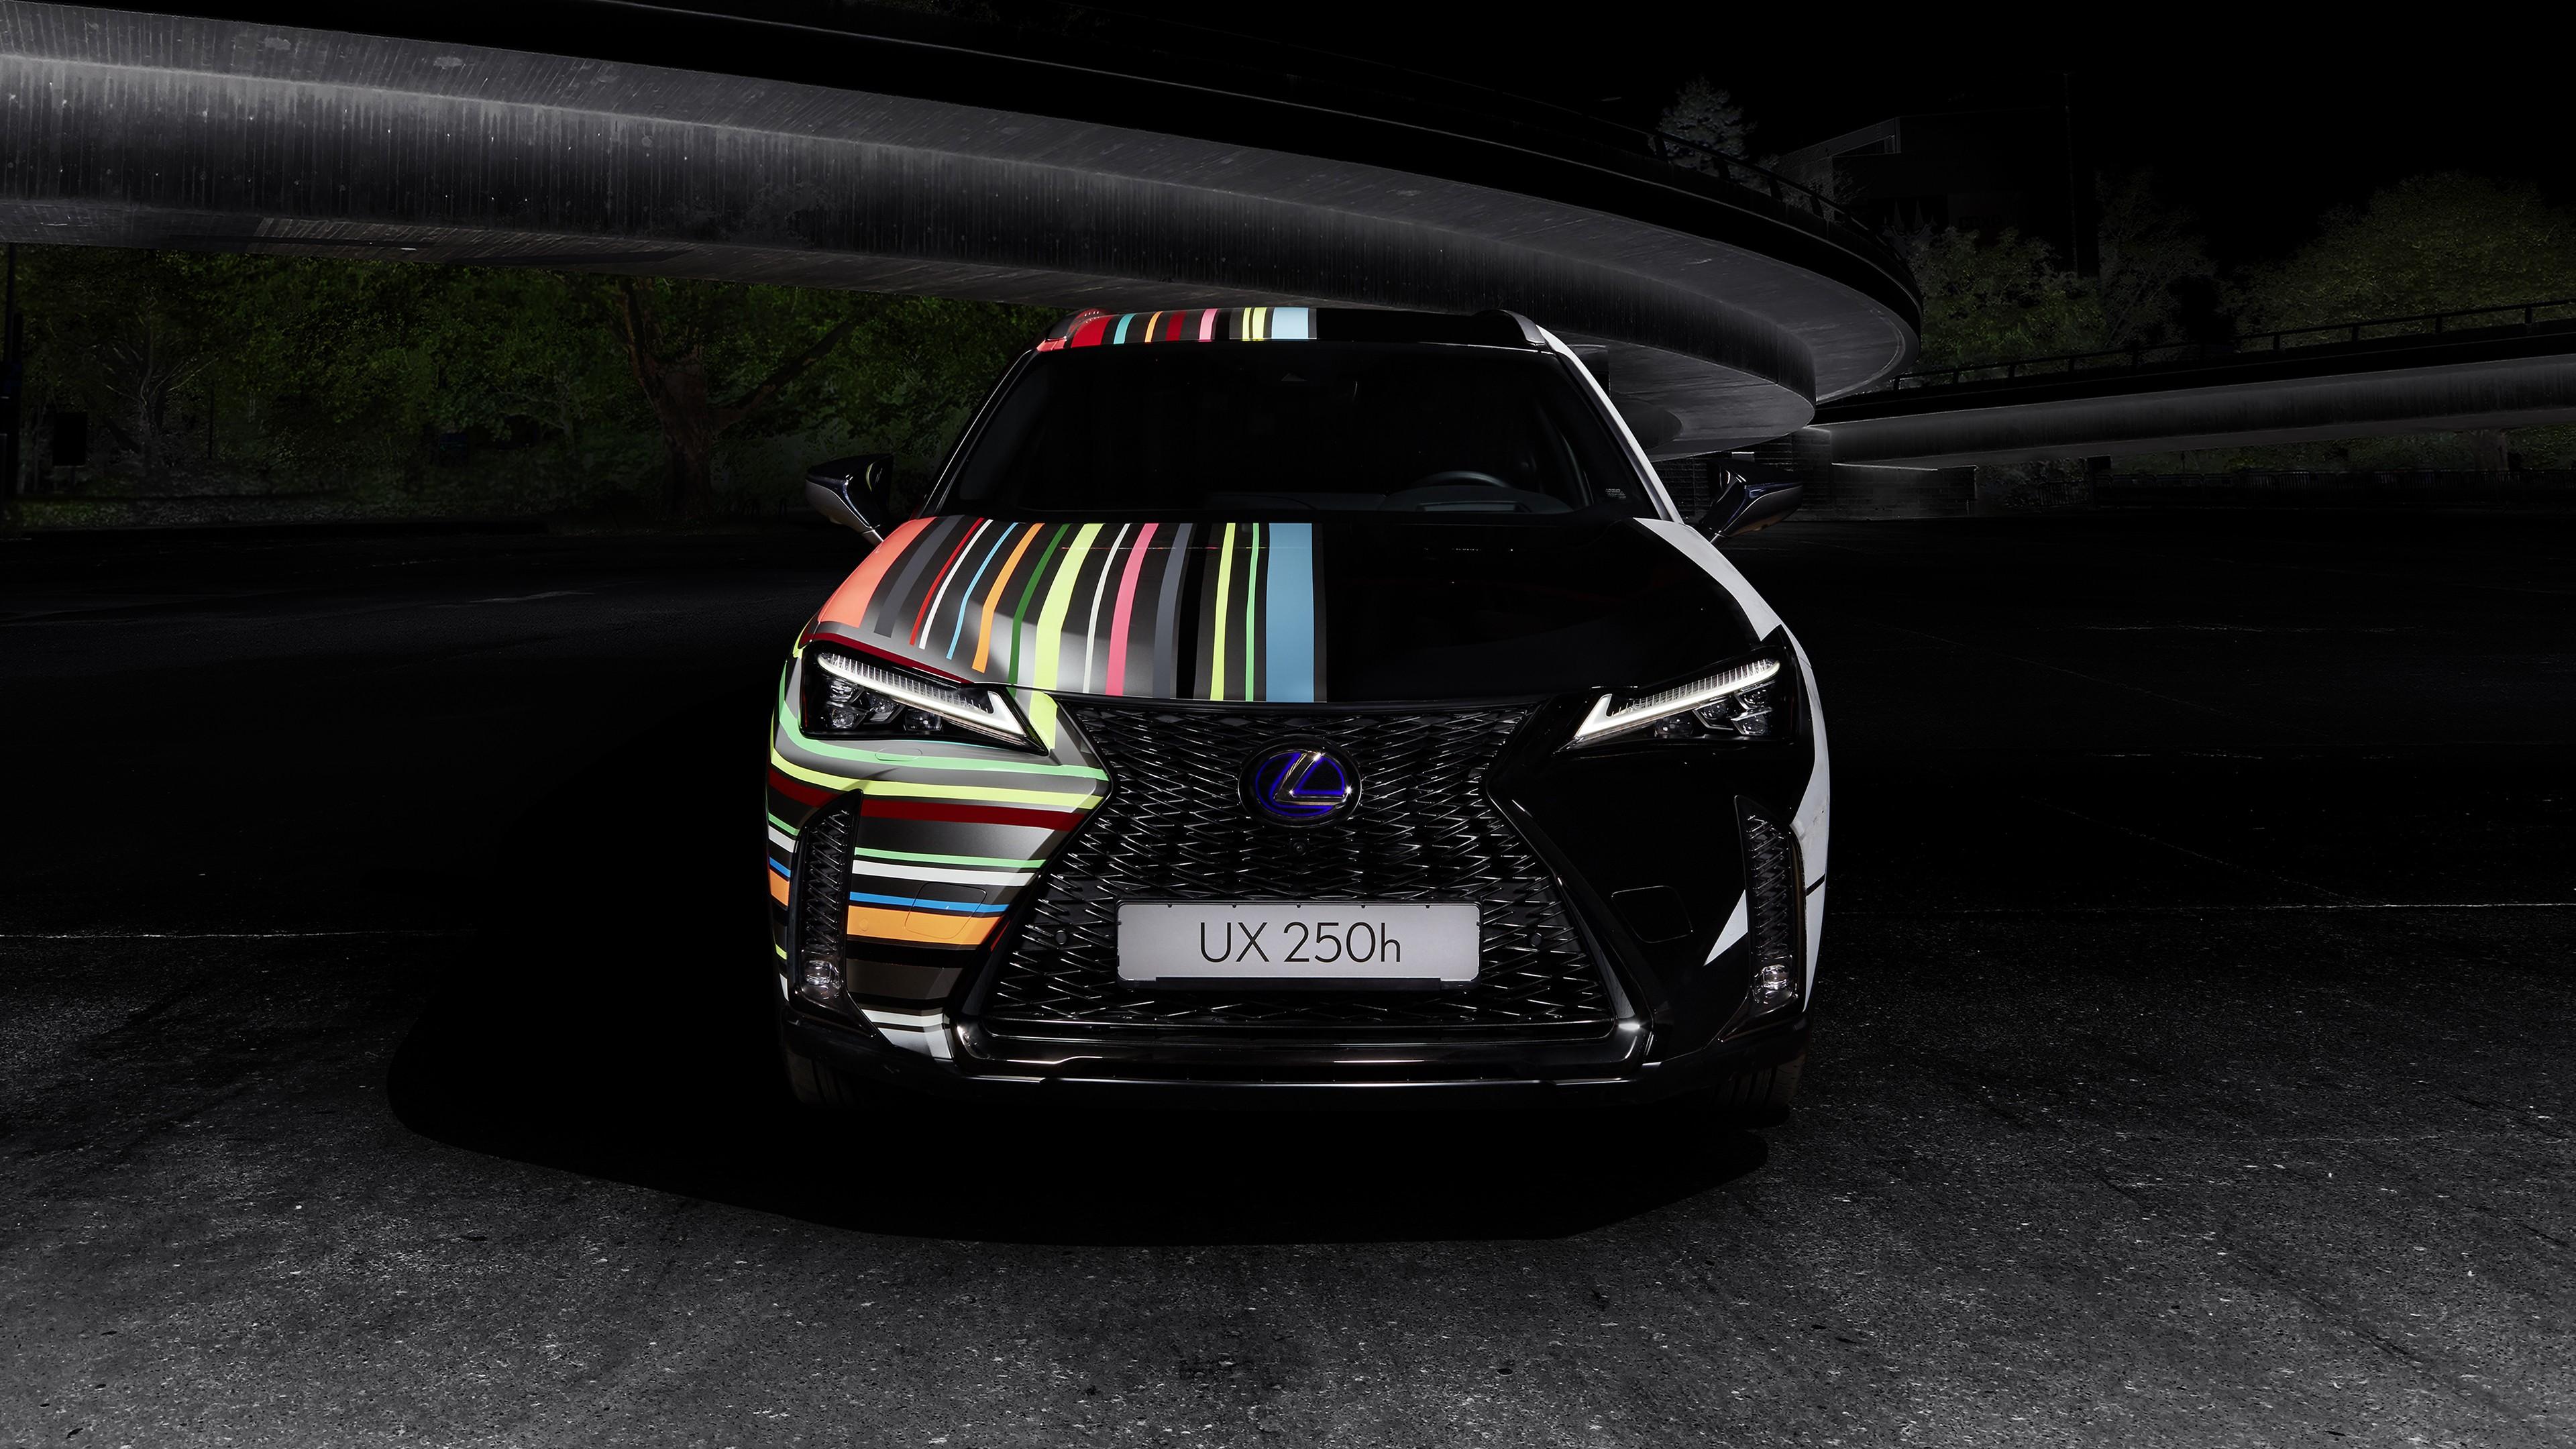 Lexus Ux 250h F Sport By Rene Turrek 2019 4k Wallpaper Hd Car Wallpapers Id 12654